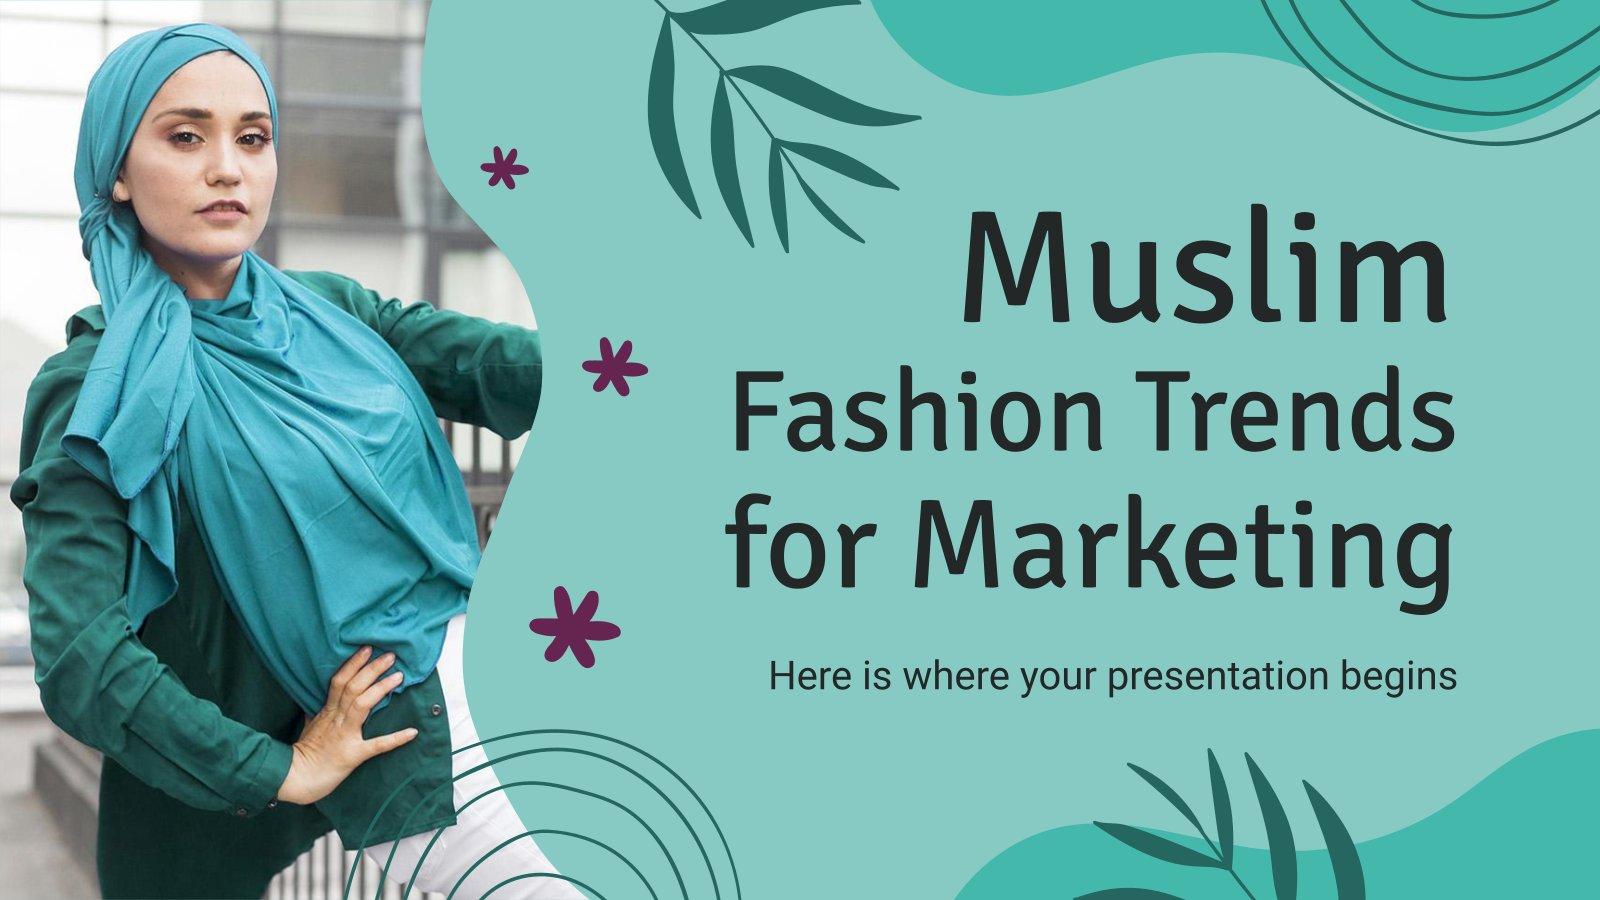 Tendances de la mode musulmane pour le marketing : Modèles de présentation